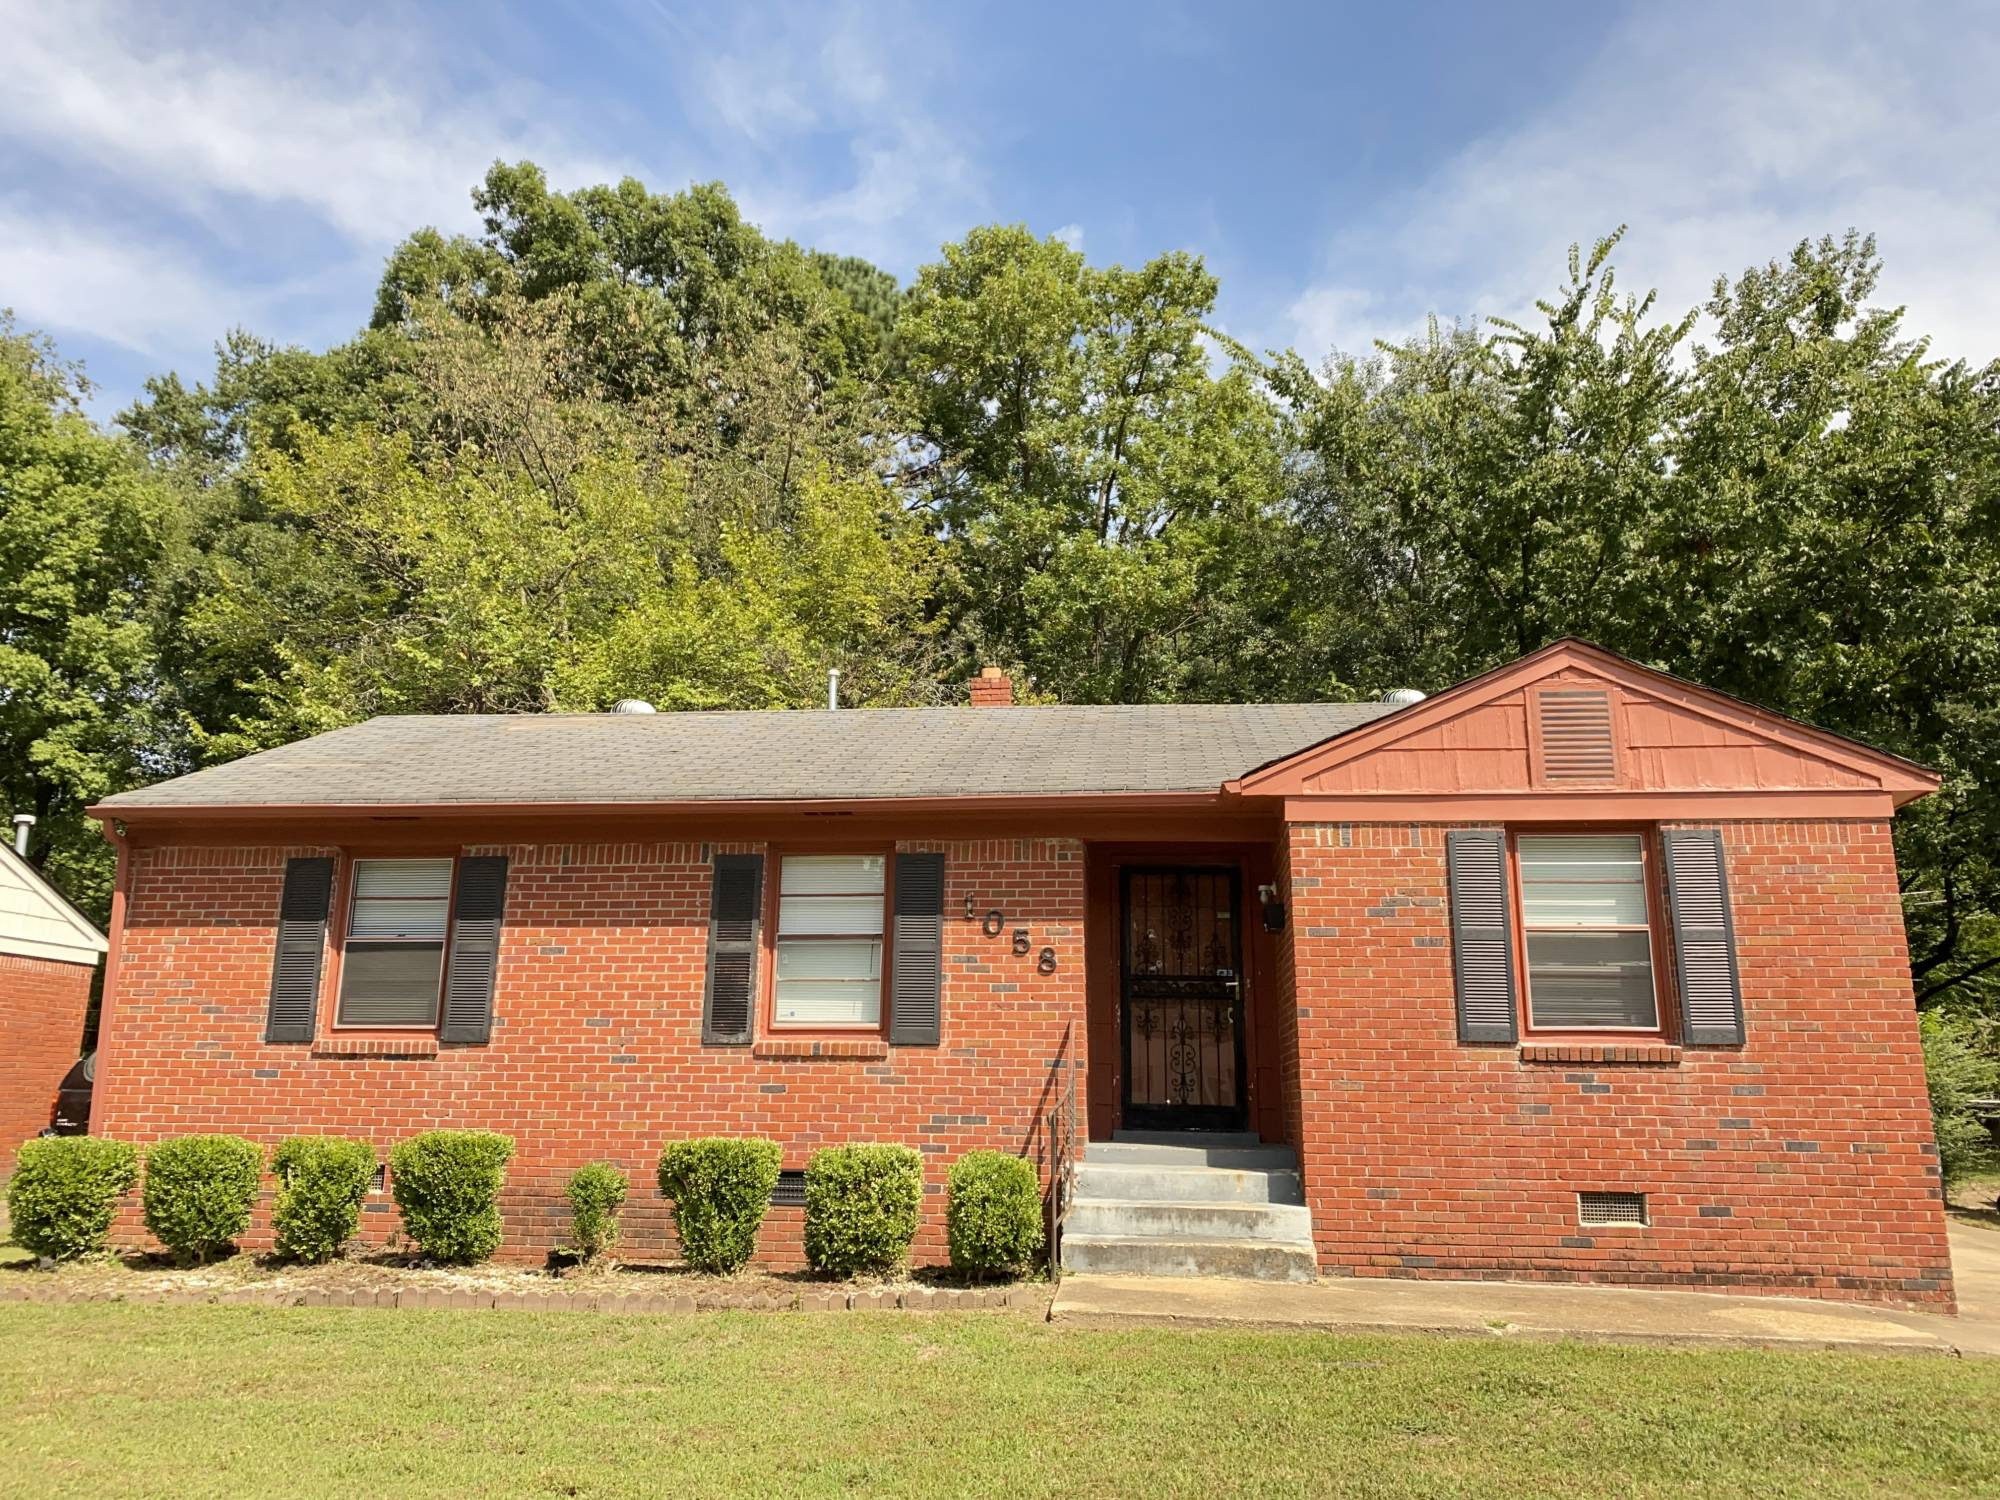 1058 S. White Station Rd Memphis TN 38117